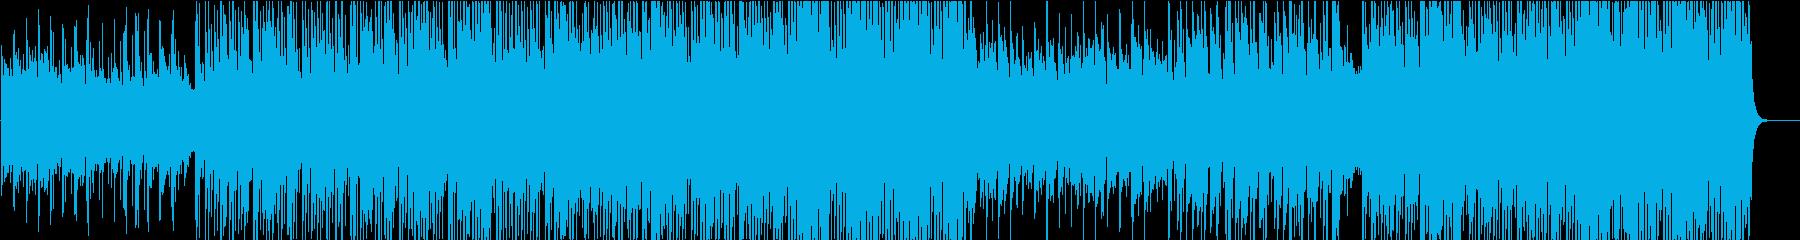 オーケストラルヒップホップの再生済みの波形